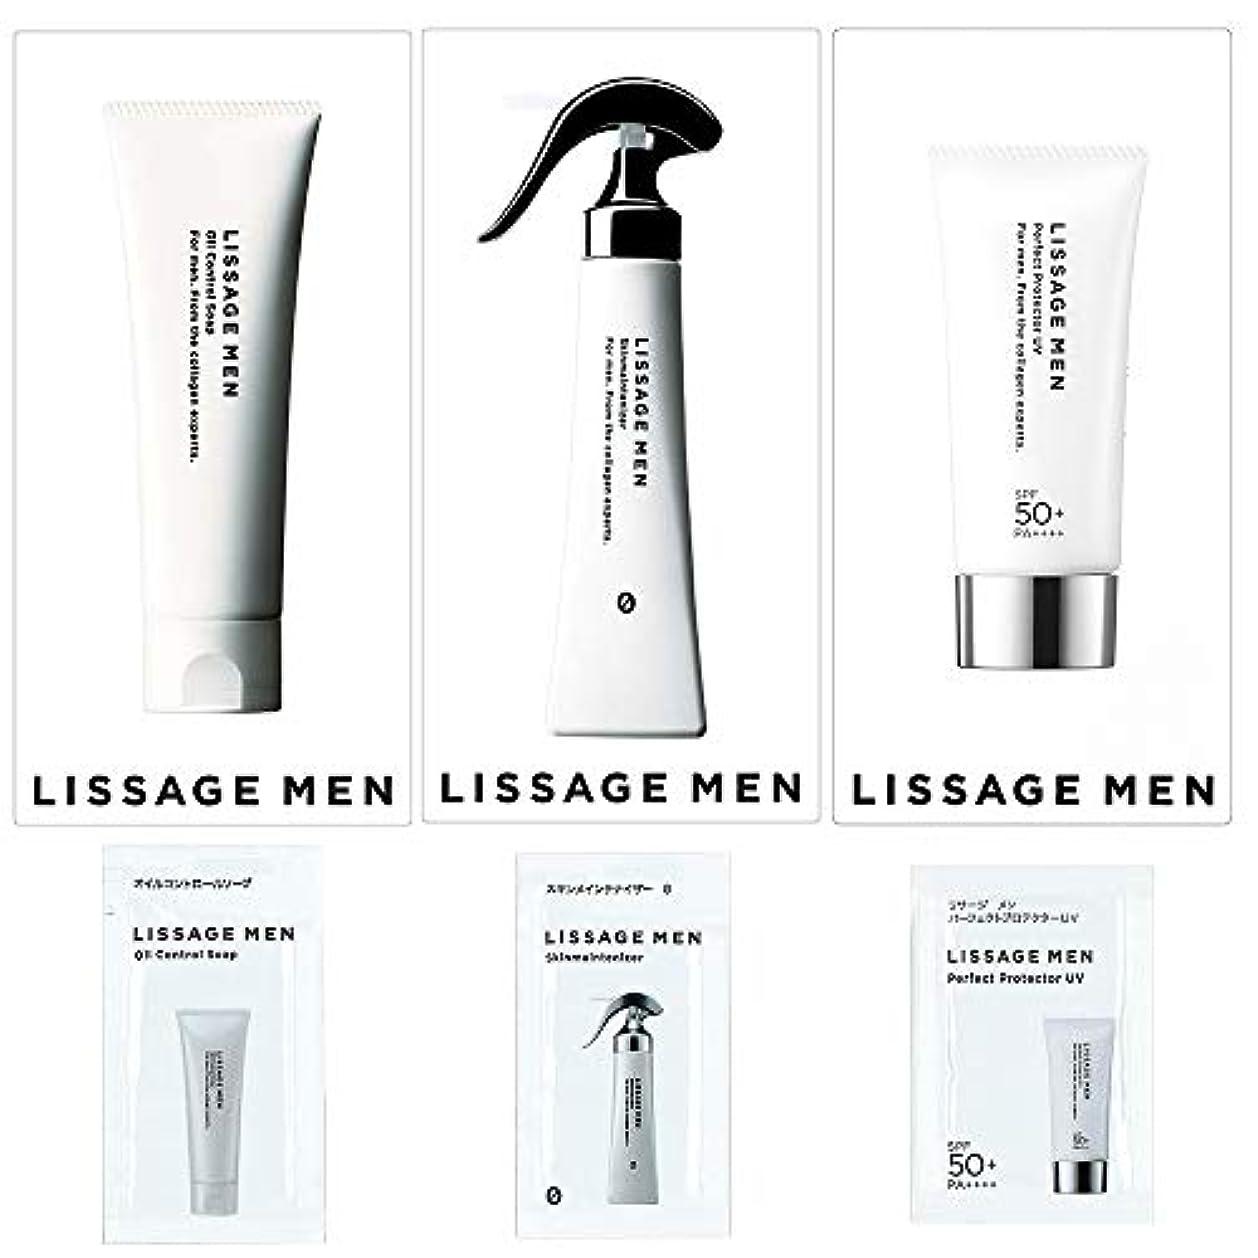 悪行小道保安リサージメン メンズ フェイスケア 3点セット 洗顔&化粧水&UV(サンプルセット) 【実質無料サンプルストア対象】